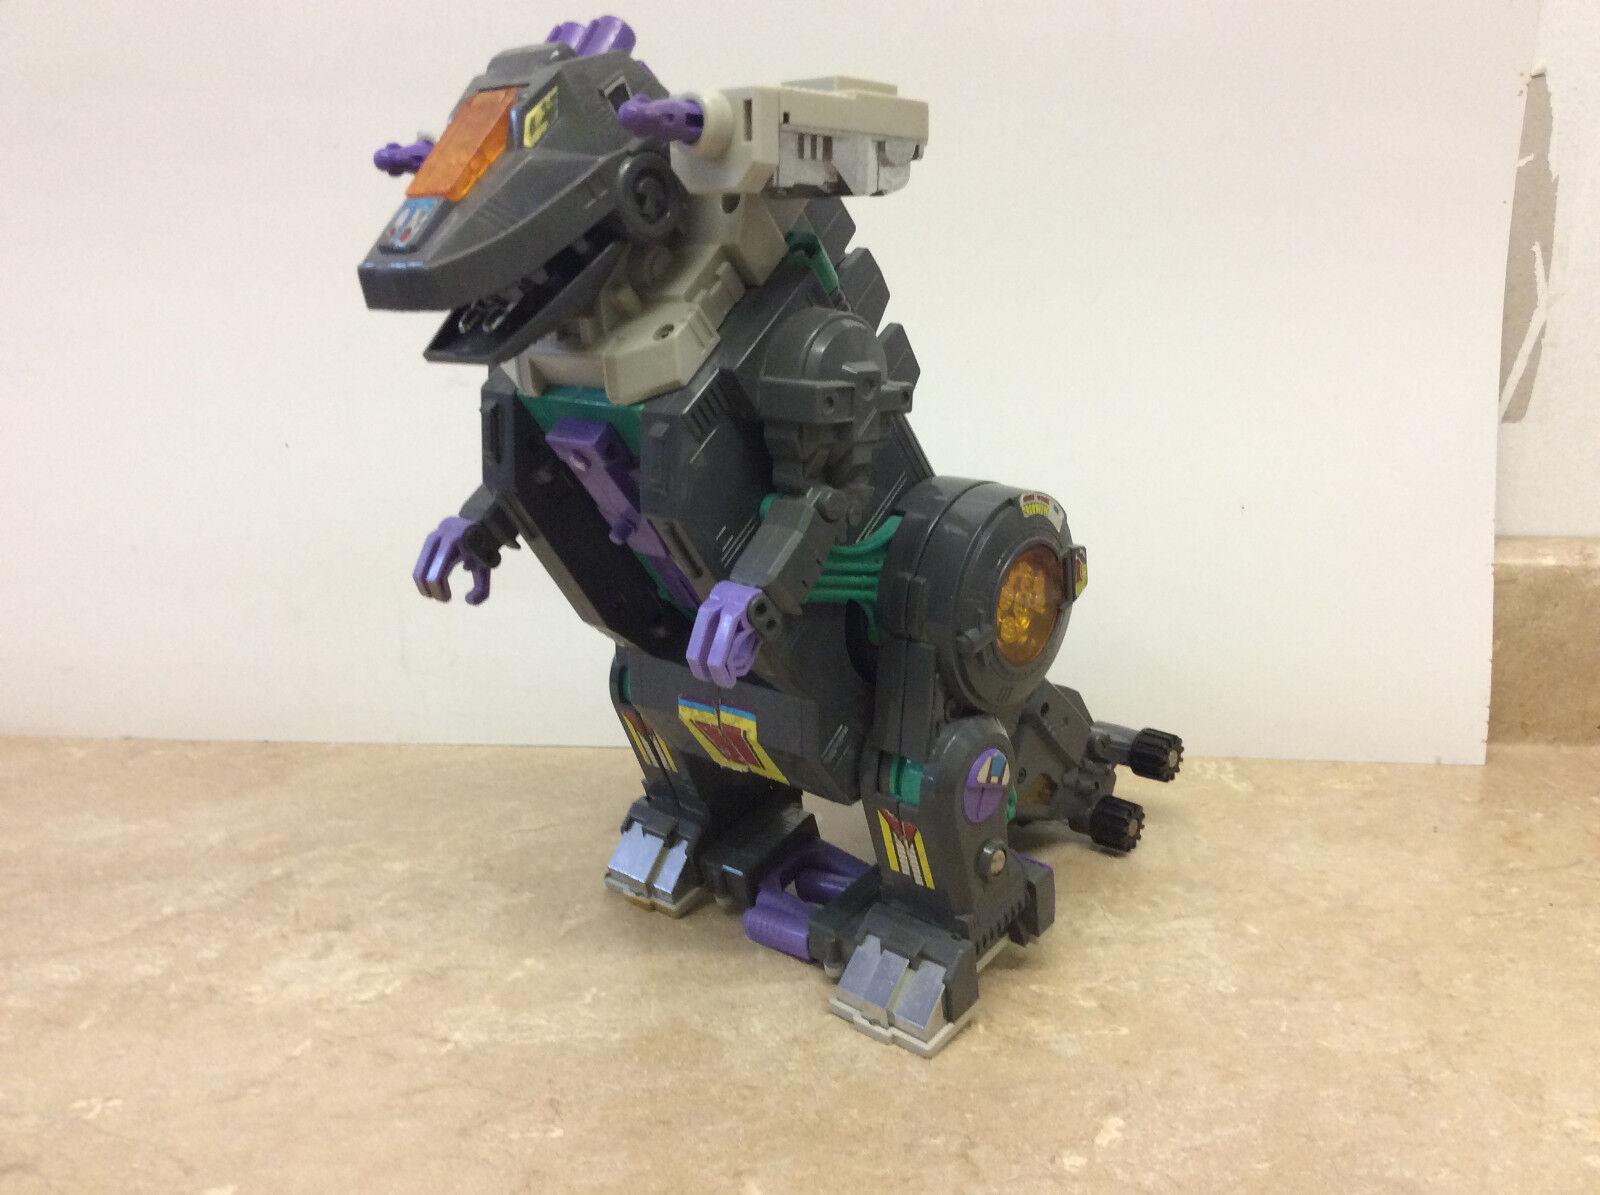 Hasbro Transformers G1 Tripicon azione cifra Only   Played With  See Pics   nuovi prodotti novità